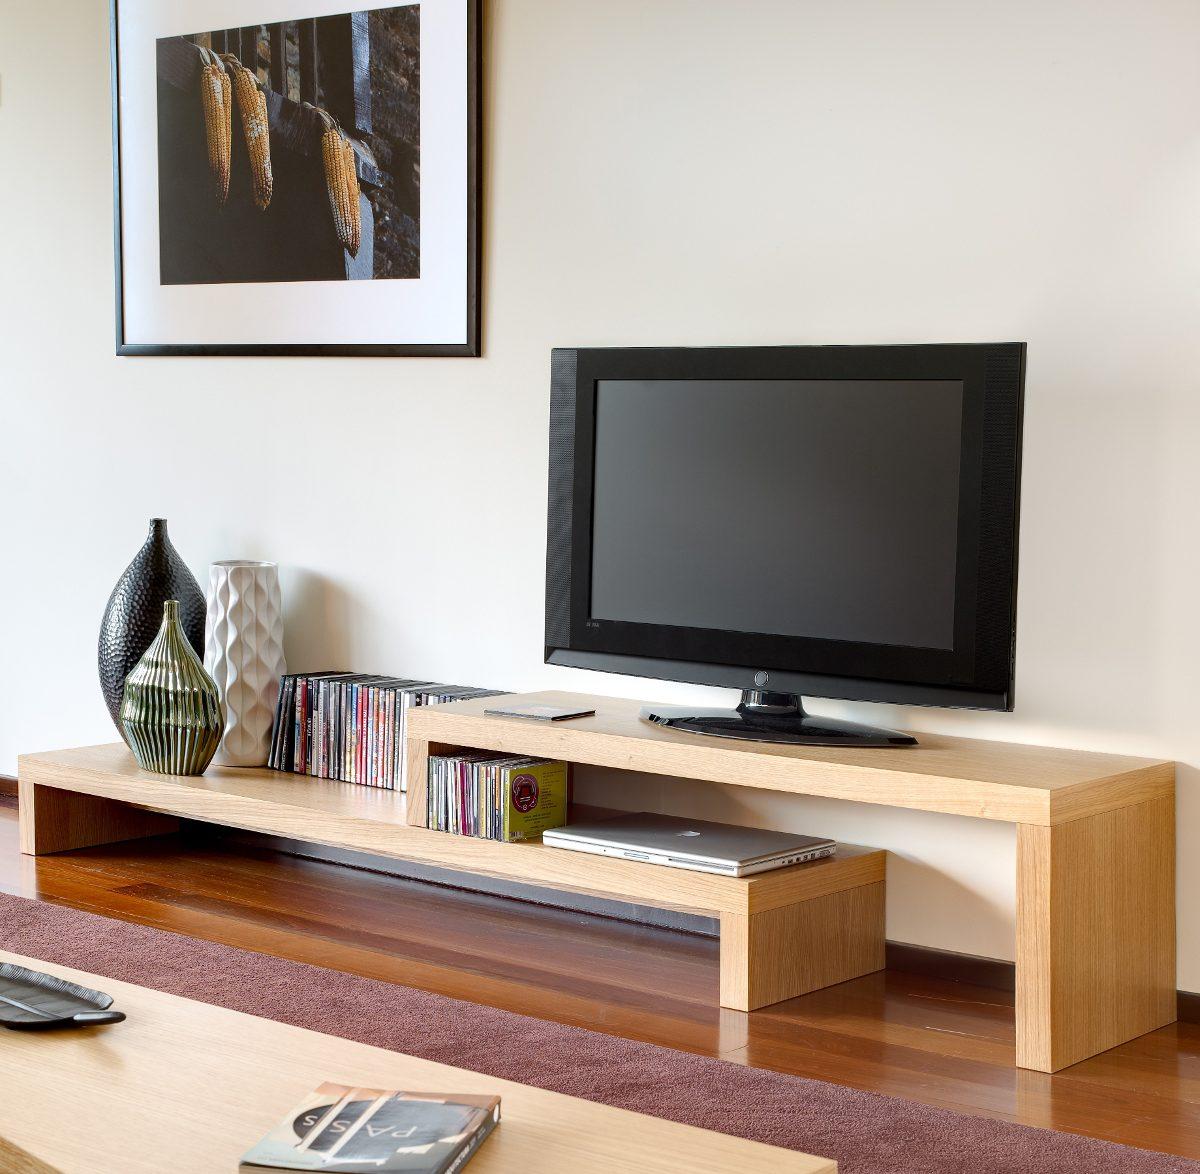 Hacer mueble para tv madera - Lacar un mueble de madera ...